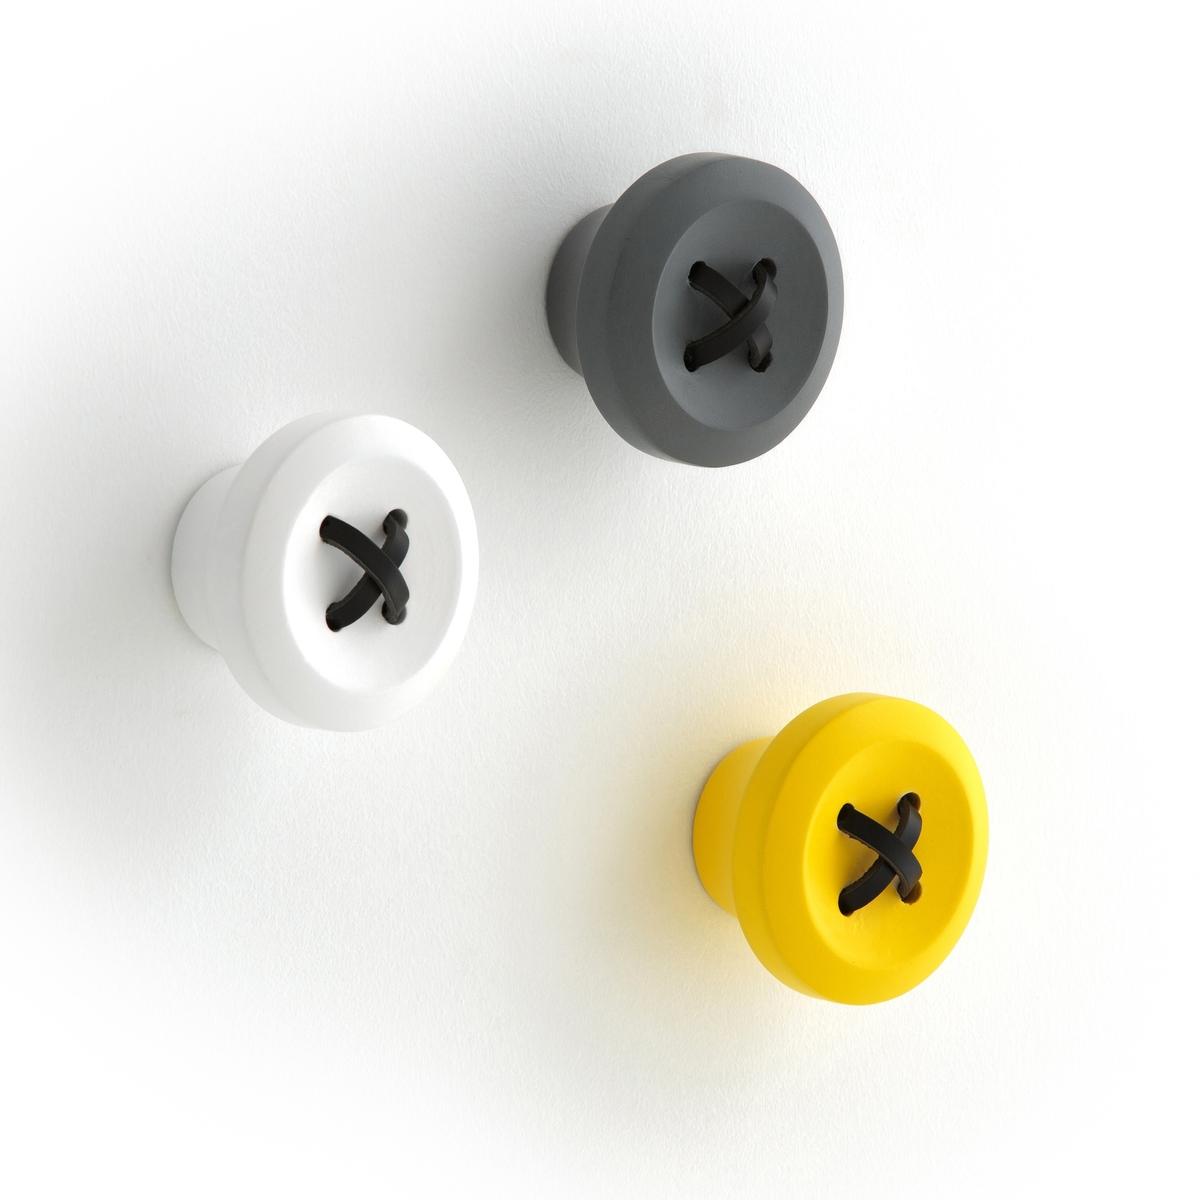 Вешалка MalarkoВешалка Malarko. Оригинальная вешалка среднего размера в форме пуговицы с кожаным шнурком. Крепление на стену при помощи планки (шурупы и дюбеля в комплект не входят). . : ?8 x Г5 см.<br><br>Цвет: желтый